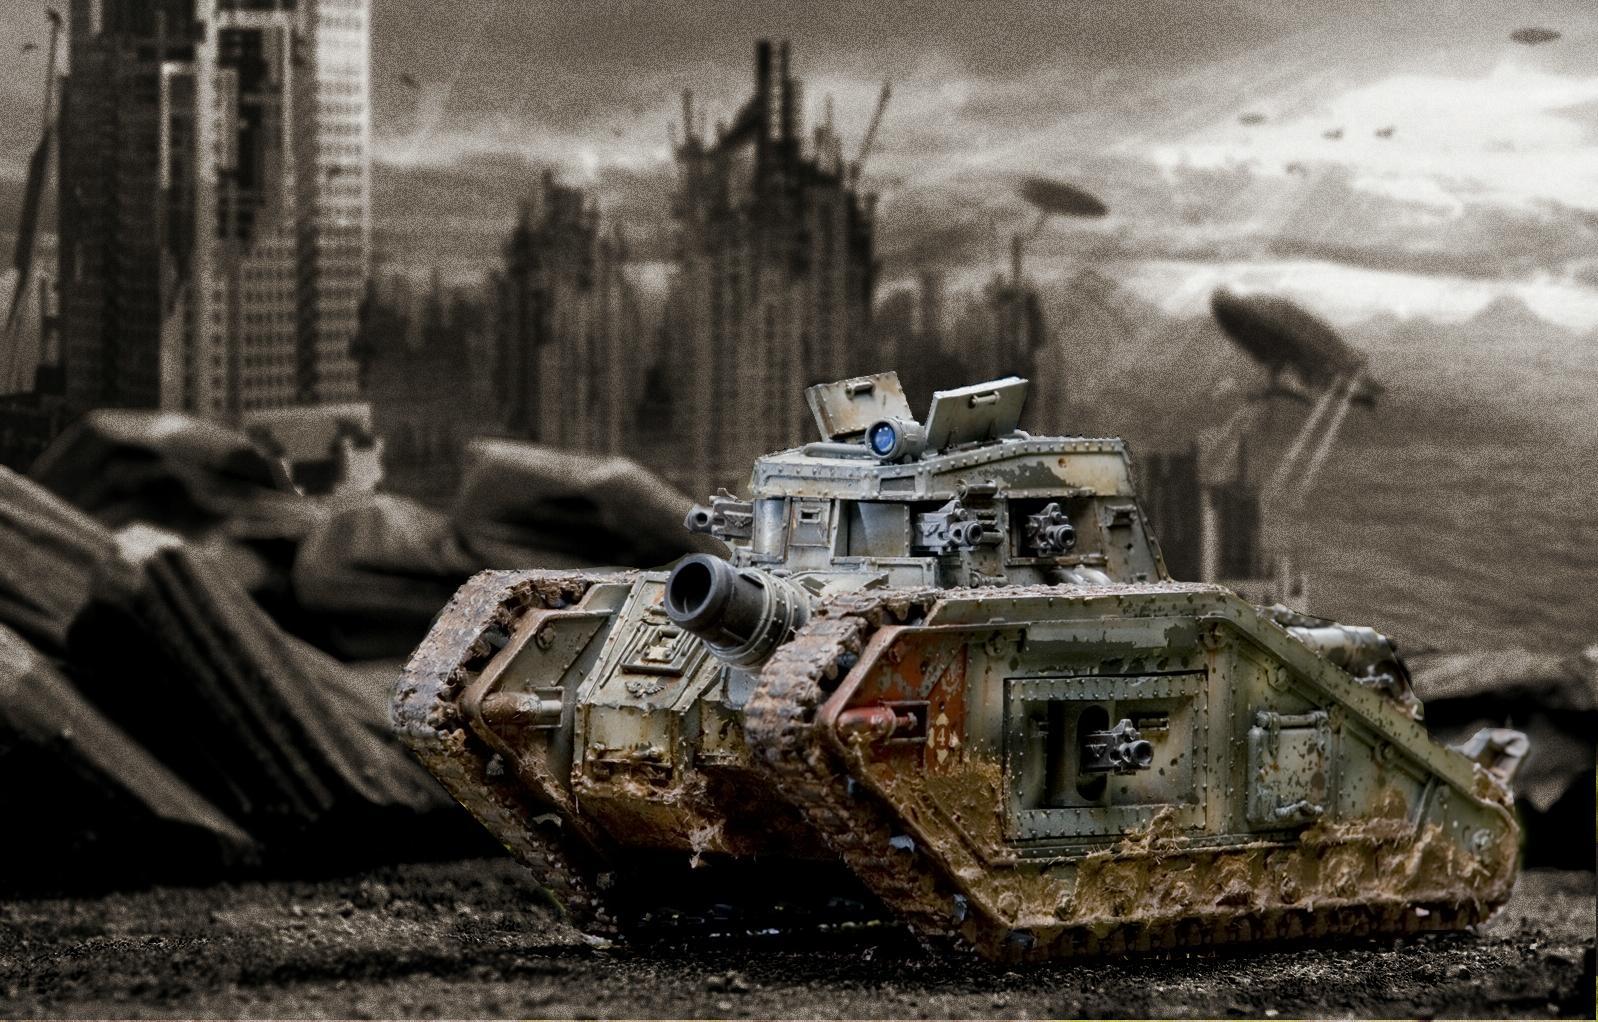 Imperial Guard, Malcador, Photoshop